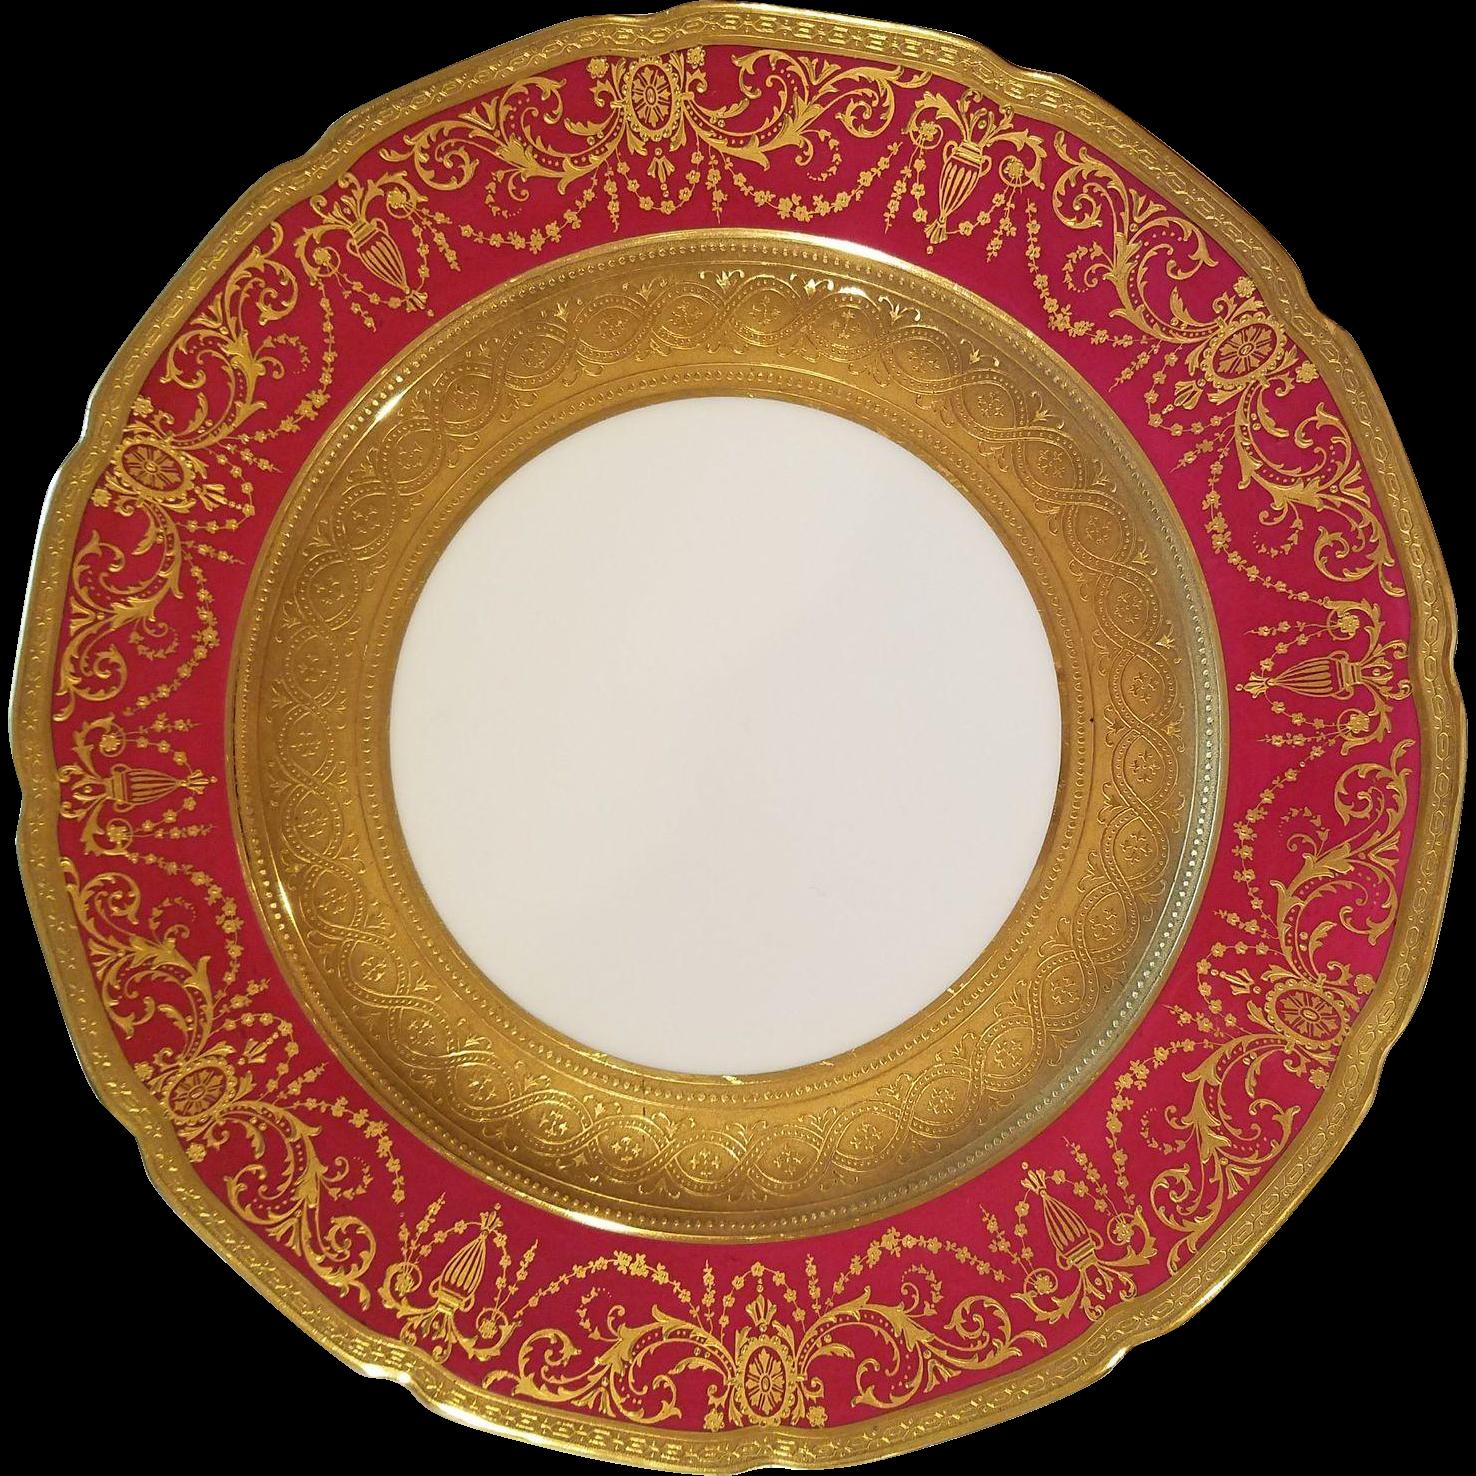 Limoges Guerin Porcelain Dinner Plates Ruby Red u0026 Gold Gilt | Porcelain China patterns and Decorating  sc 1 st  Pinterest & Limoges Guerin Porcelain Dinner Plates Ruby Red u0026 Gold Gilt ...